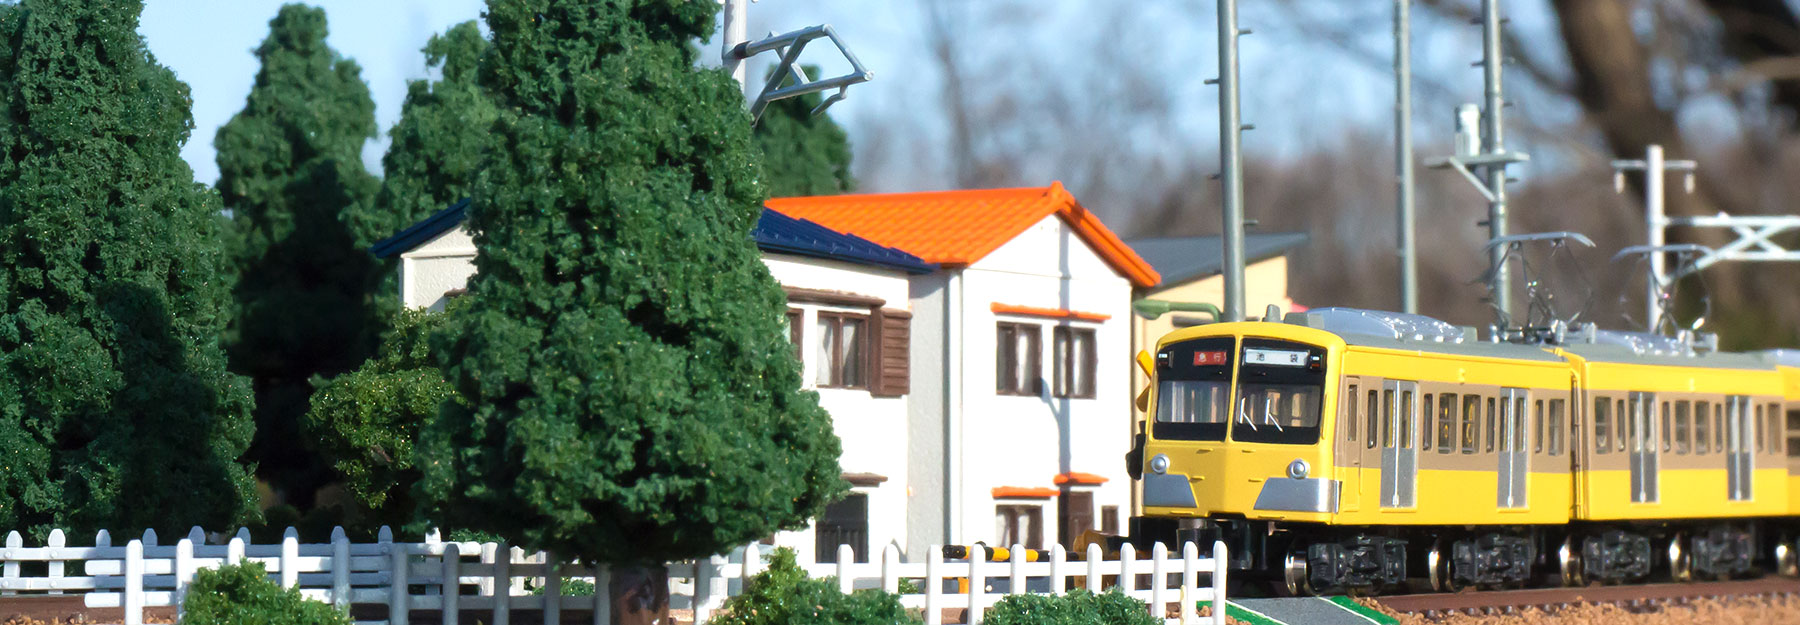 鉄道模型部